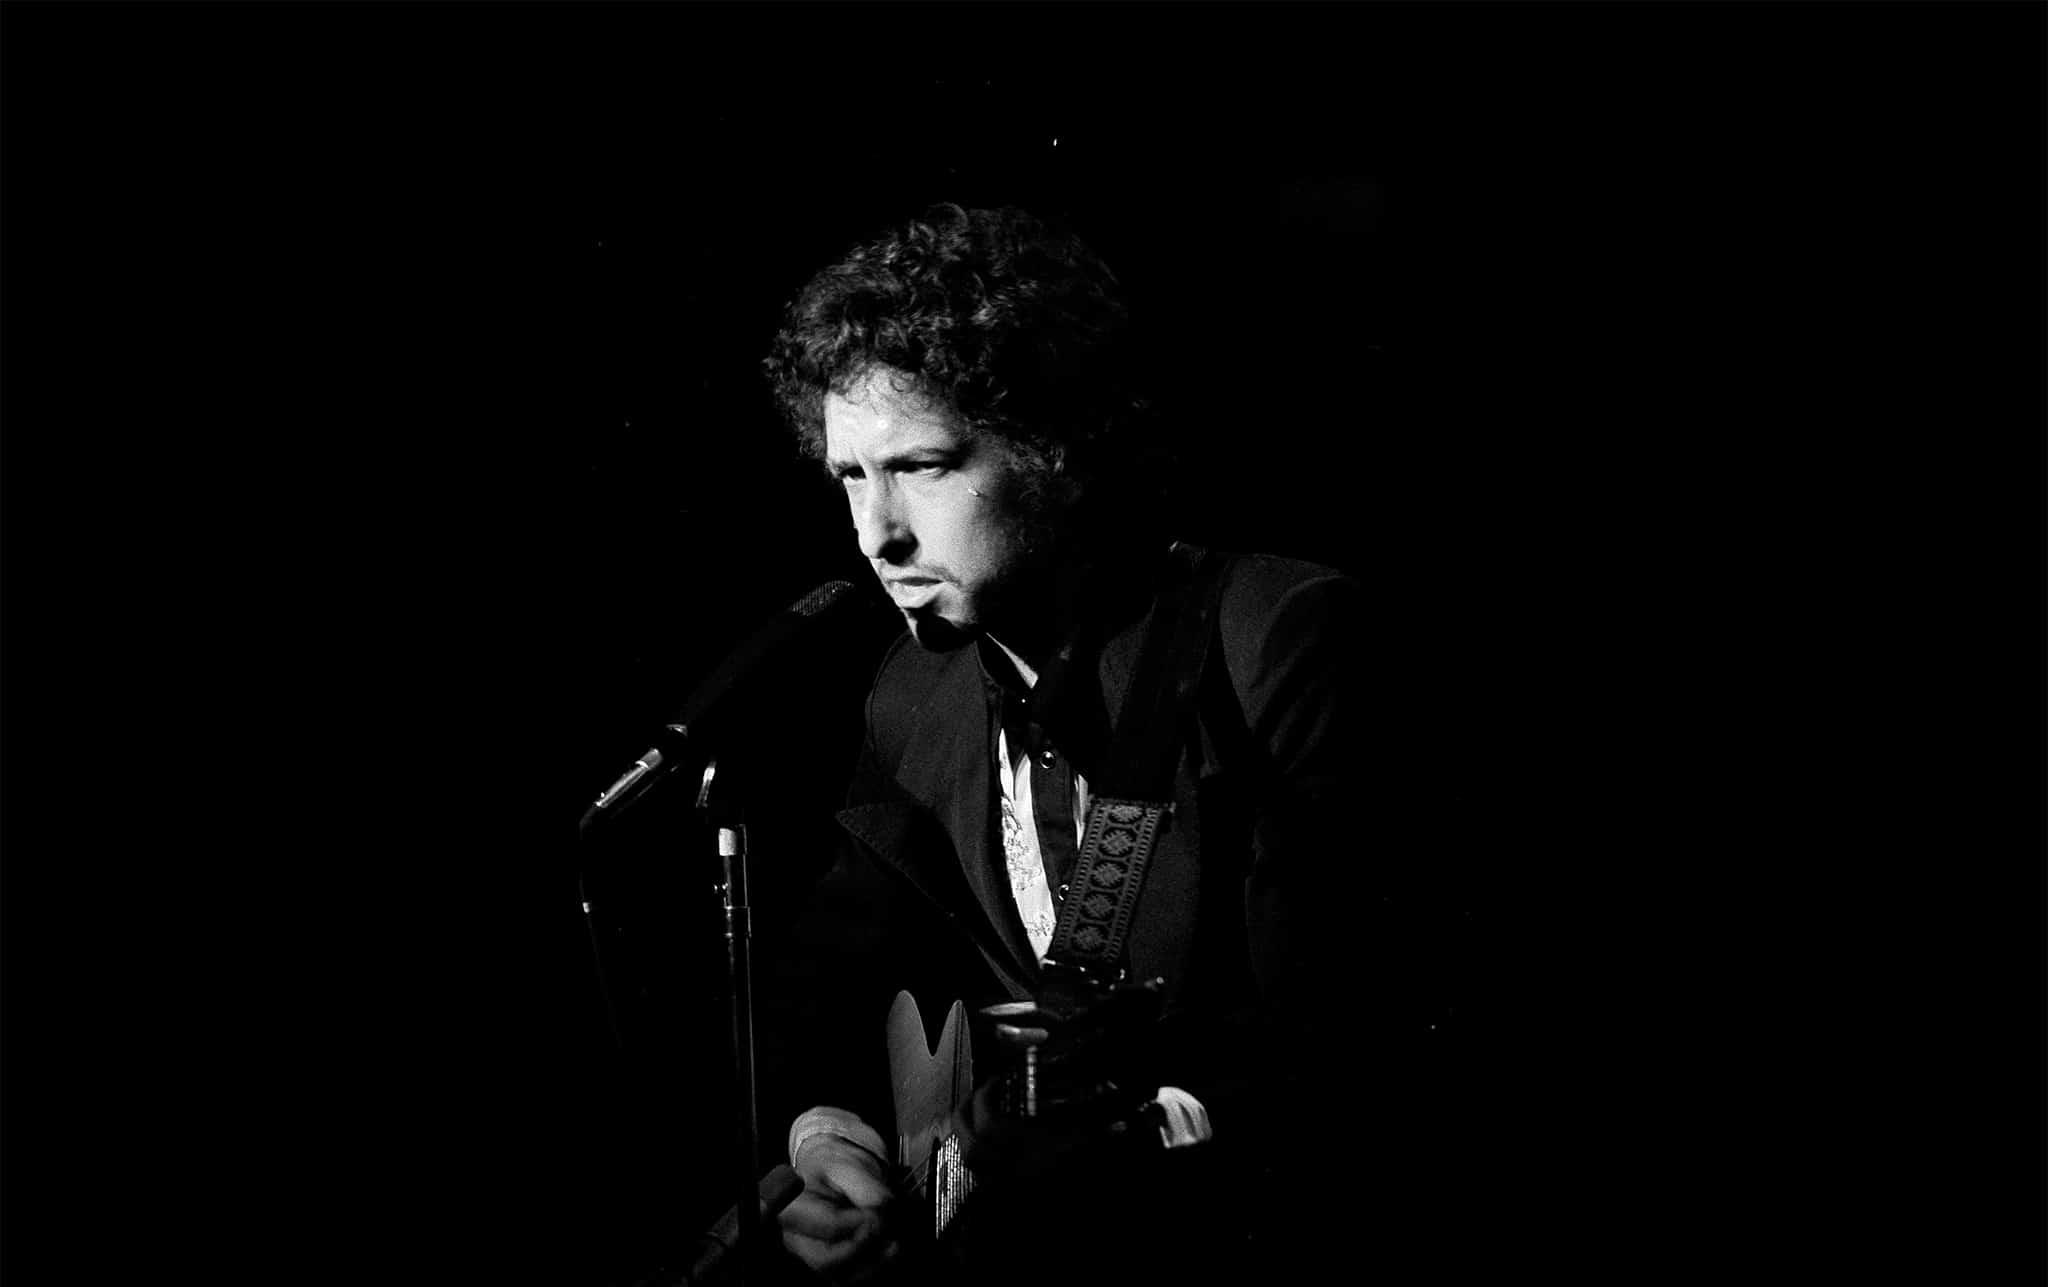 בוב דילן בהופעה במאדיסון סקוור גארדן ב-31 בינואר 1974 (צילום: AP Photo/Ray Stubblebine)